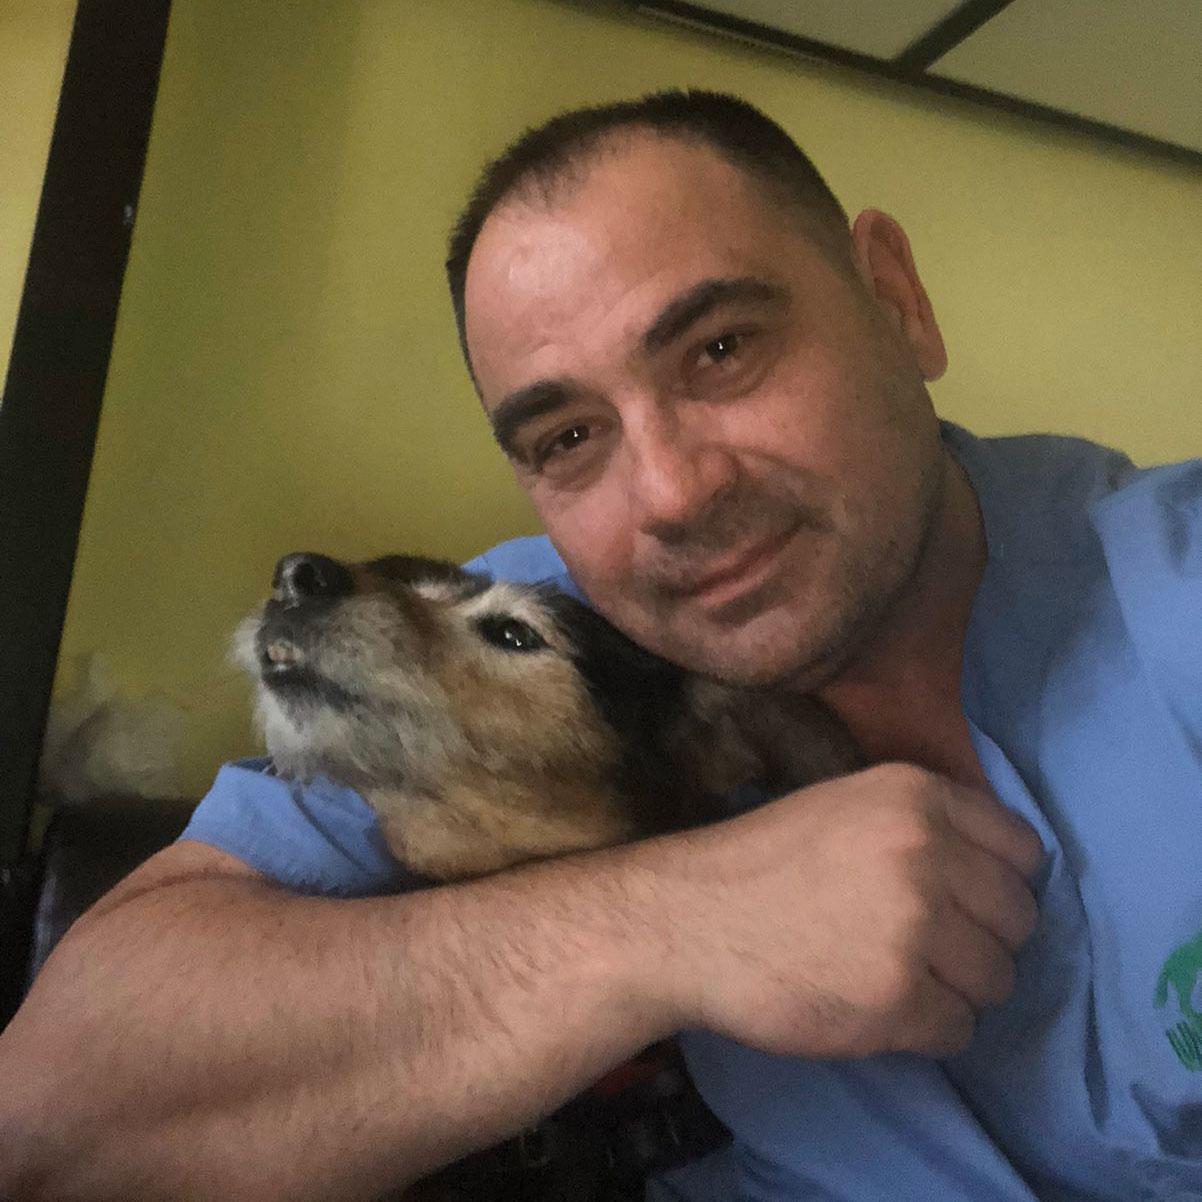 interna-edukacija-veterinara-vetplanet-clinic-andrija-dakovic-dezurni-veterinar